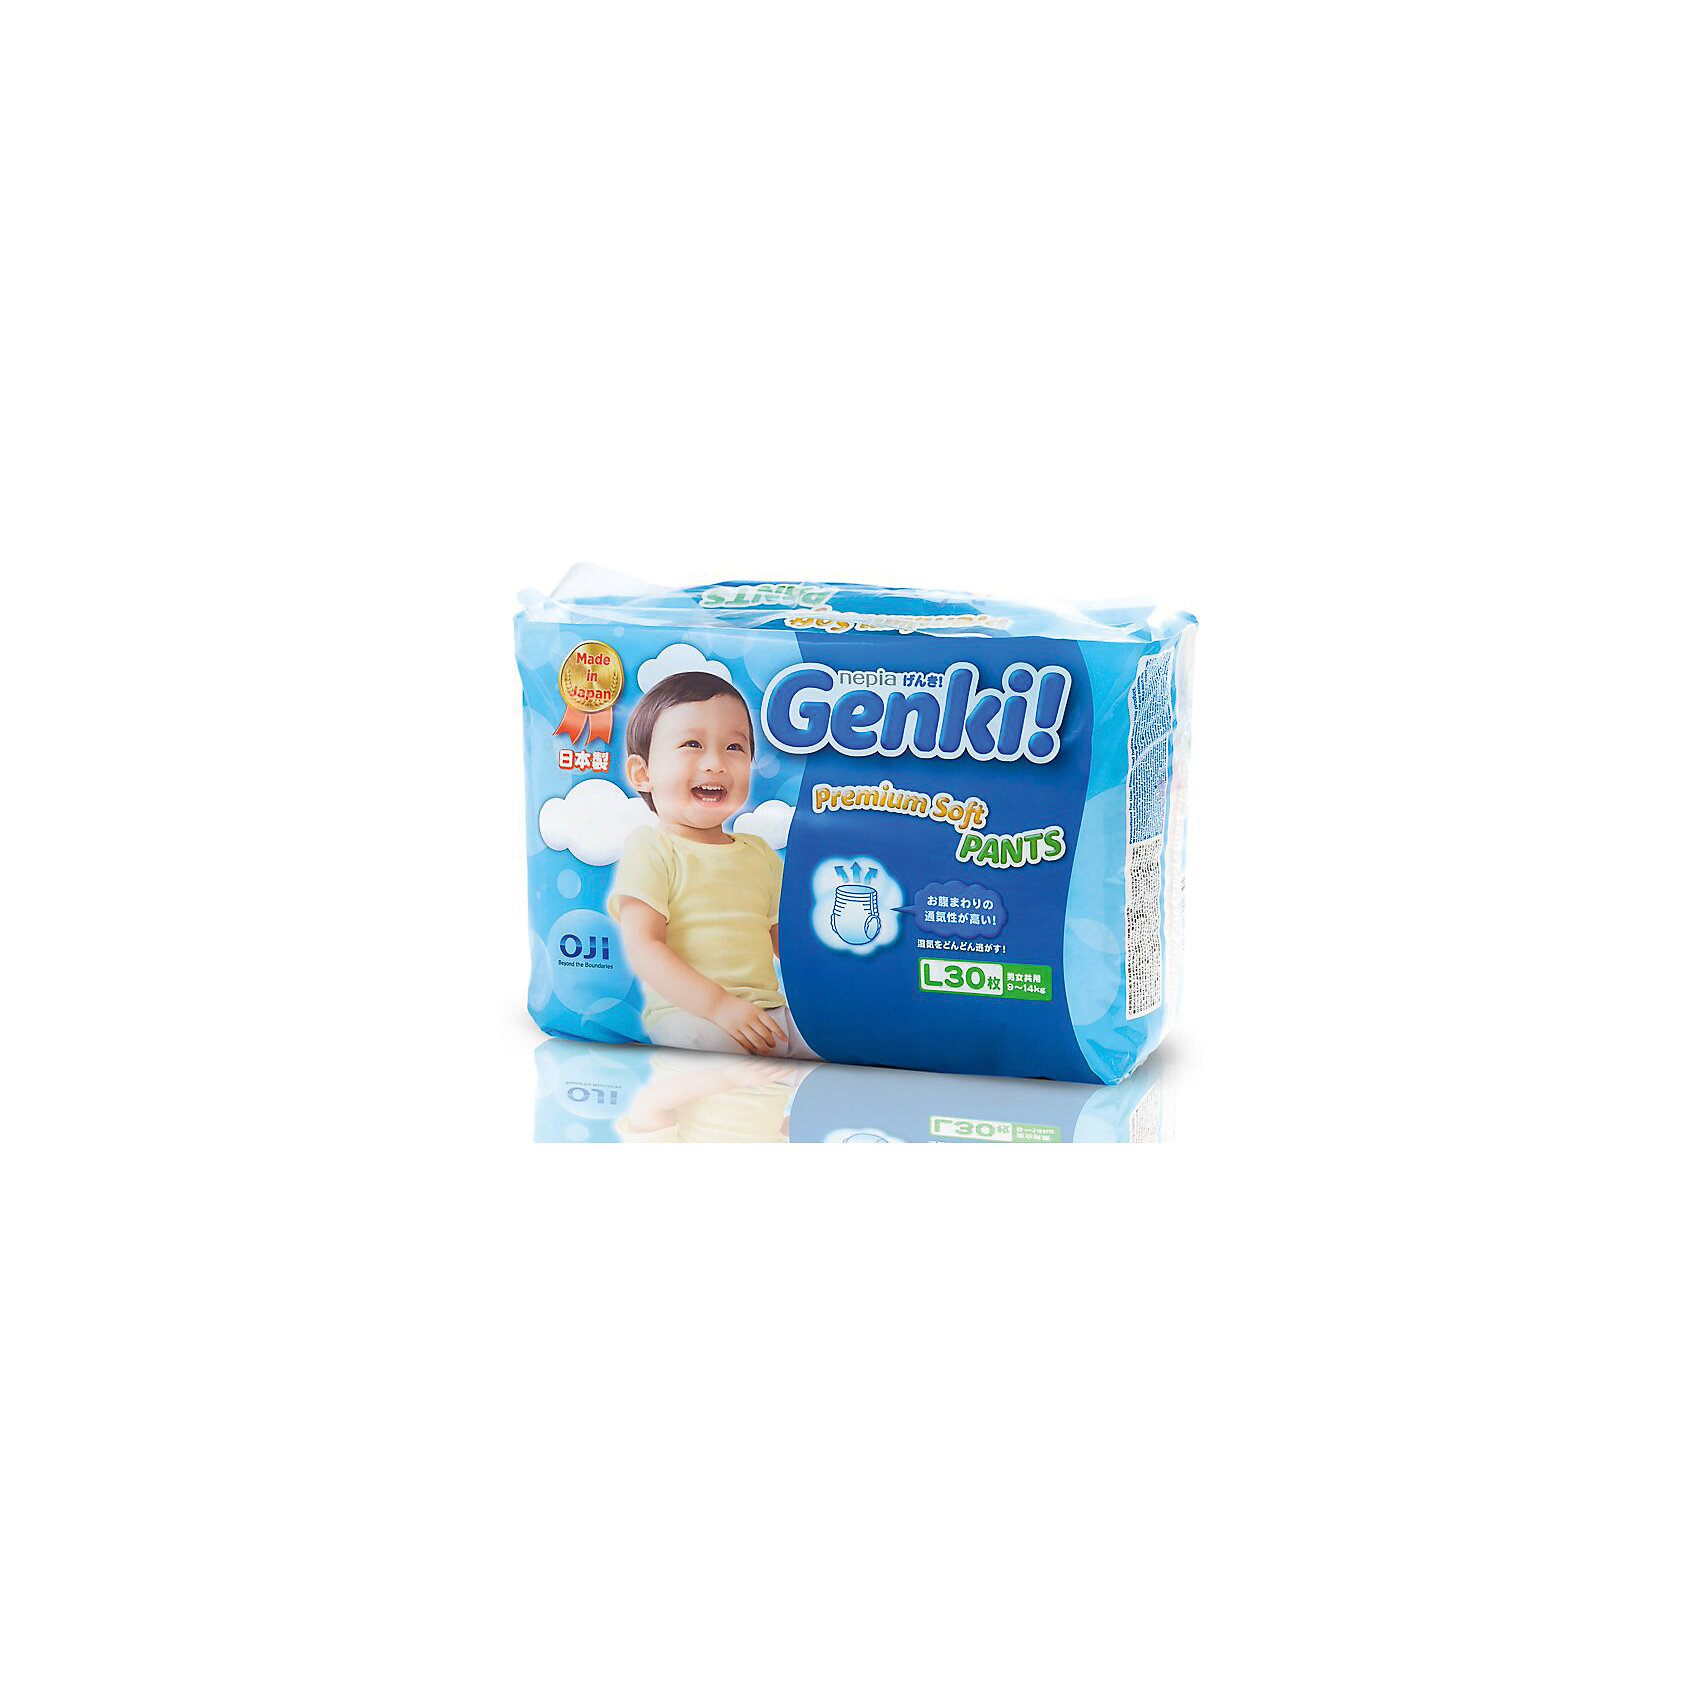 Трусики Nepia Genki,9-14 кг., размер L, 30 шт., GenkiТрусики-подгузники<br>Характеристики:<br><br>• вес ребенка: 9-14 кг;<br>• размер: L;<br>• дышащая поверхность внешней и внутренней стороны;<br>• эластичный поясок;<br>• индикатор влаги находится снаружи;<br>• материал: мягкий хлопок, натуральный каучук;<br>• количество в упаковке: 30 шт.<br><br>Японские дышащие гипоаллергенные трусики Genki подходят для чувствительной кожи. Эластичный поясок не сдавливает животик. Индикаторы наполнения позволяют маме контролировать наполненность трусиков, не расстегивая липучки. Когда желтый цвет меняется на синий, это сигнализирует о наполненности трусиков следовательно, их пора менять. Трусики используются для сна, длительных прогулок, во время поездок. <br><br>Трусики Nepia Genki, 9-14 кг., размер L, 30 шт., Genki можно купить в нашем интернет-магазине.<br><br>Ширина мм: 150<br>Глубина мм: 320<br>Высота мм: 200<br>Вес г: 902<br>Возраст от месяцев: 6<br>Возраст до месяцев: 24<br>Пол: Унисекс<br>Возраст: Детский<br>SKU: 5504699